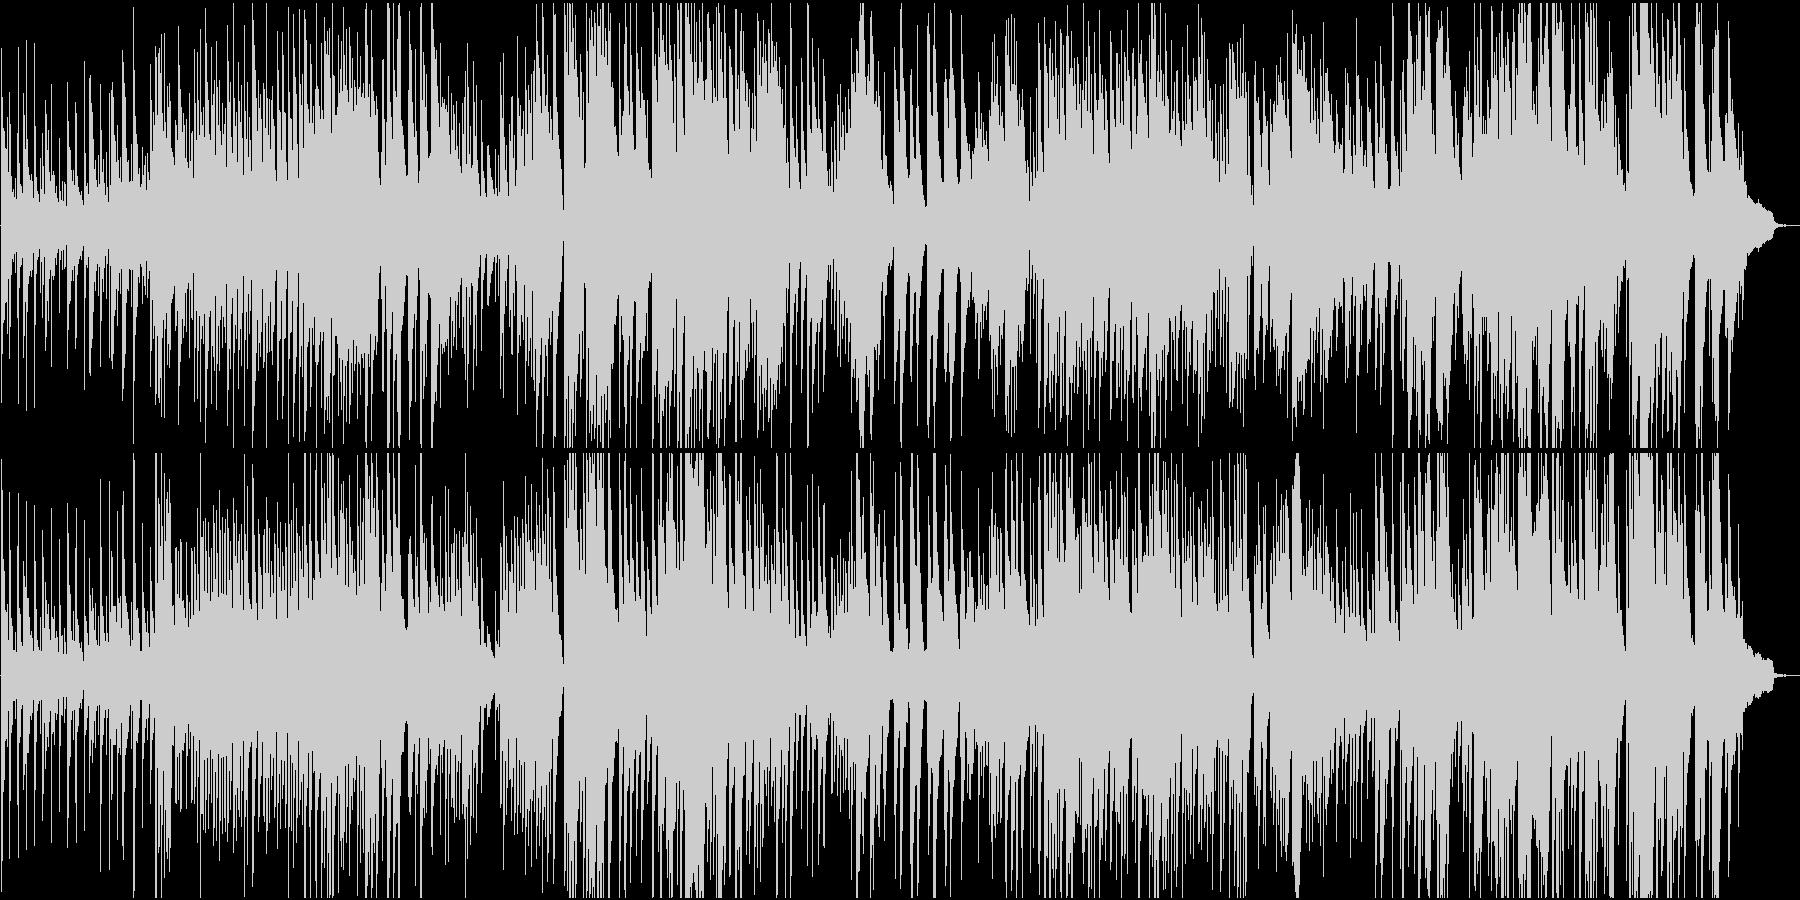 約4分の、長い階段のようなピアノソロ楽曲の未再生の波形